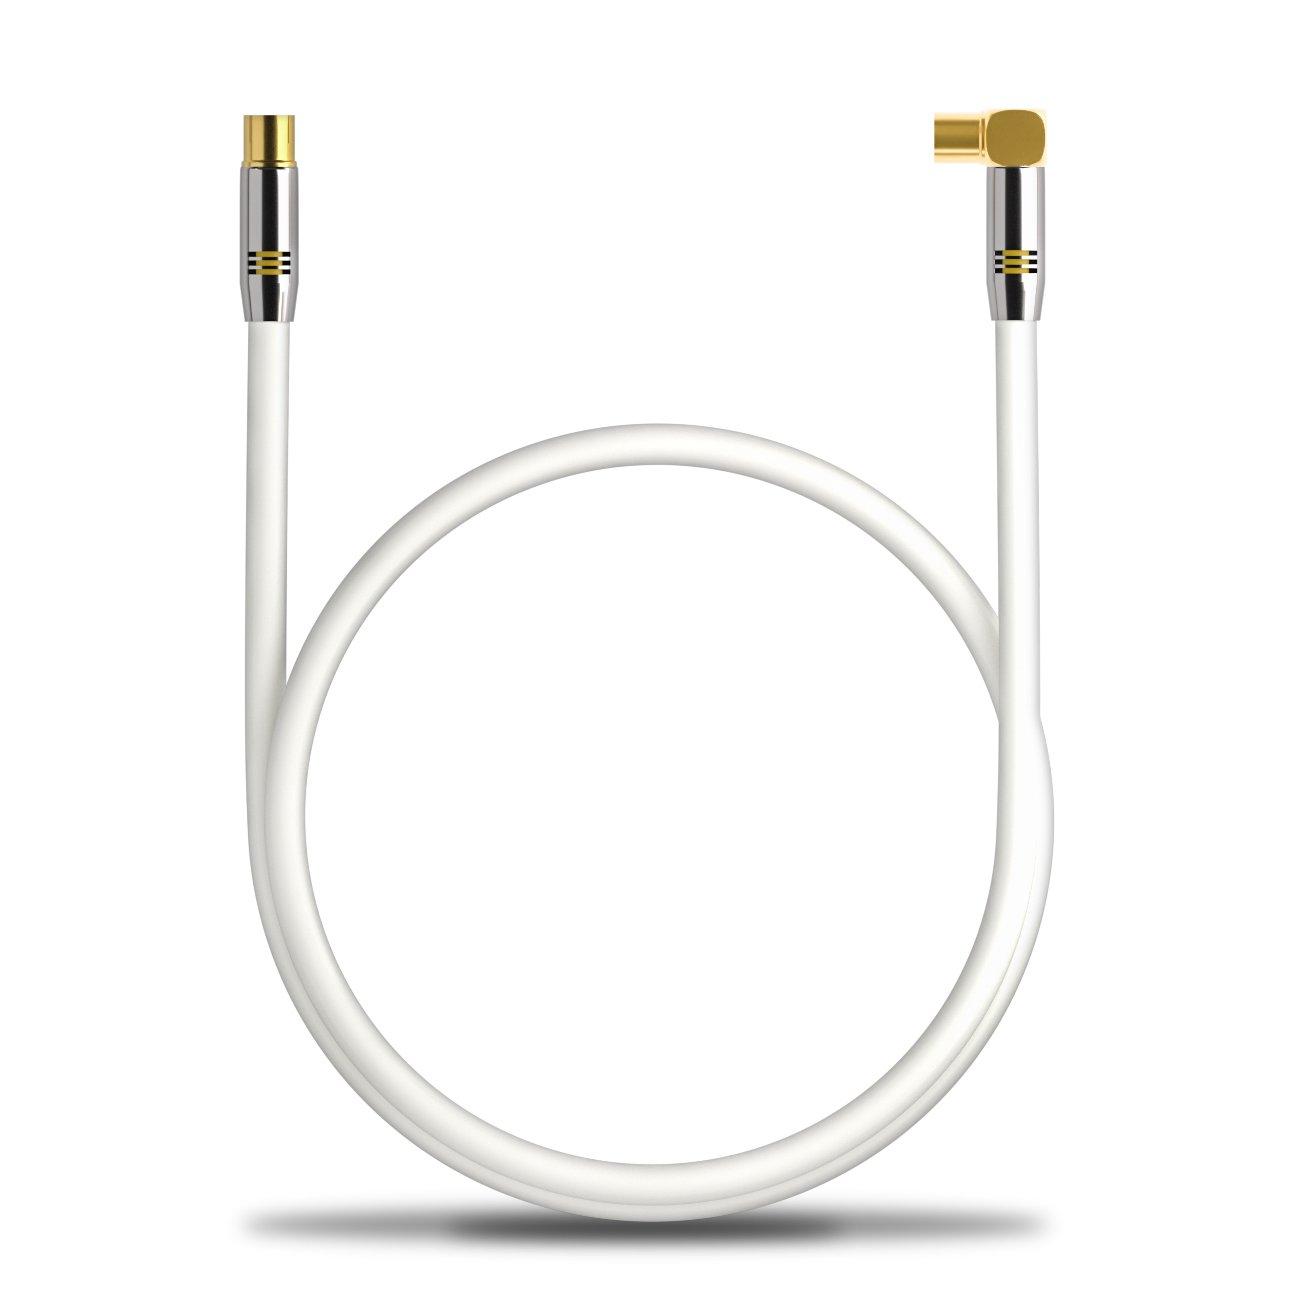 deleyCON TV Cable de antena 1,5m Cable coaxial / Conector dorado macho de TV / hembra de TV 90° Conector de metal 100dB UltraHD FullHD: Amazon.es: ...